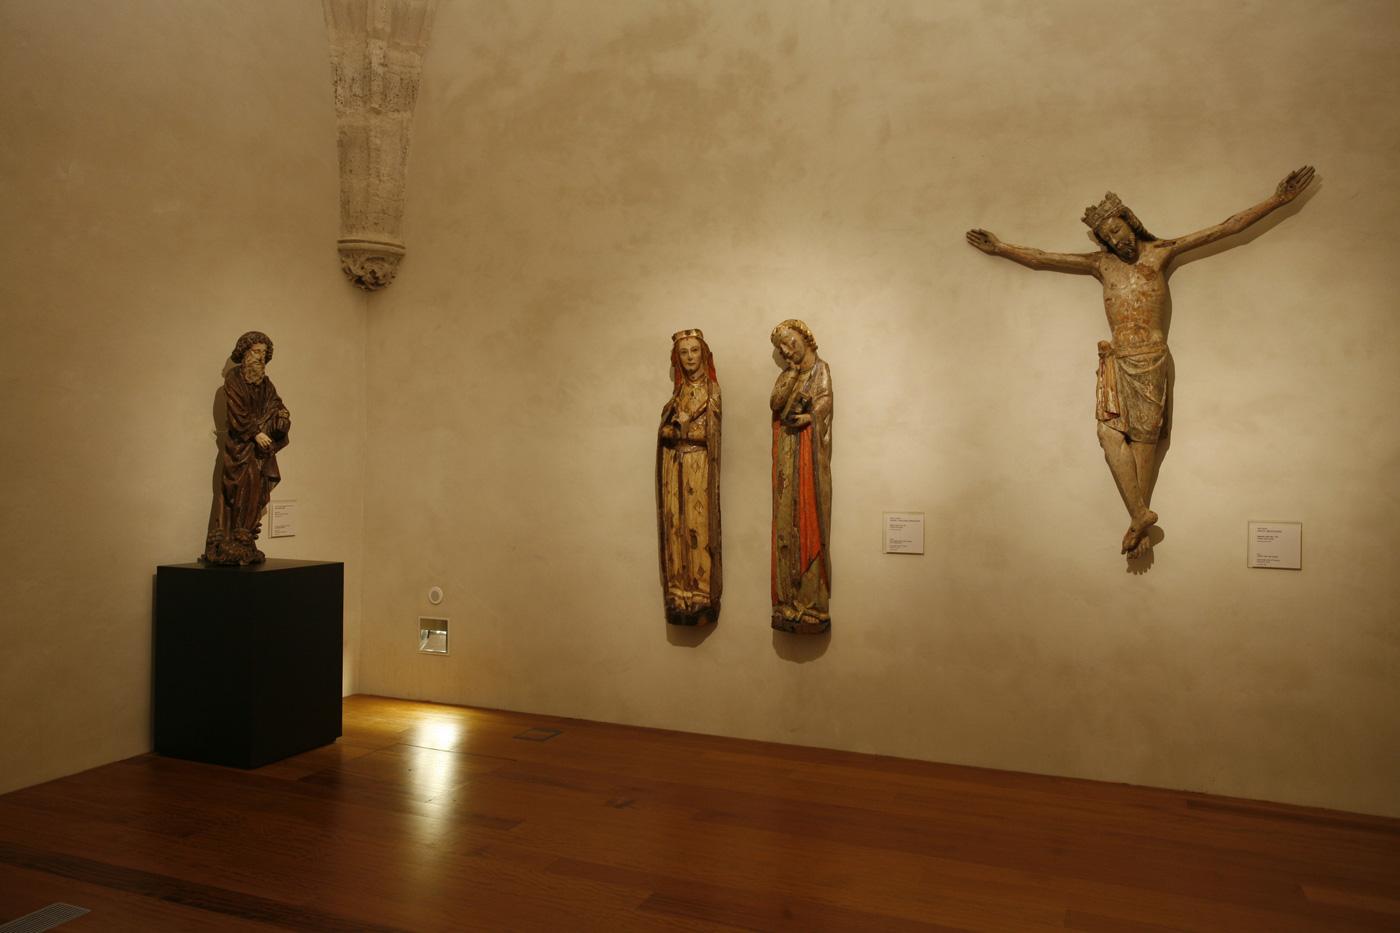 Colegio_San_Gregorio_Valladolid_14.jpg